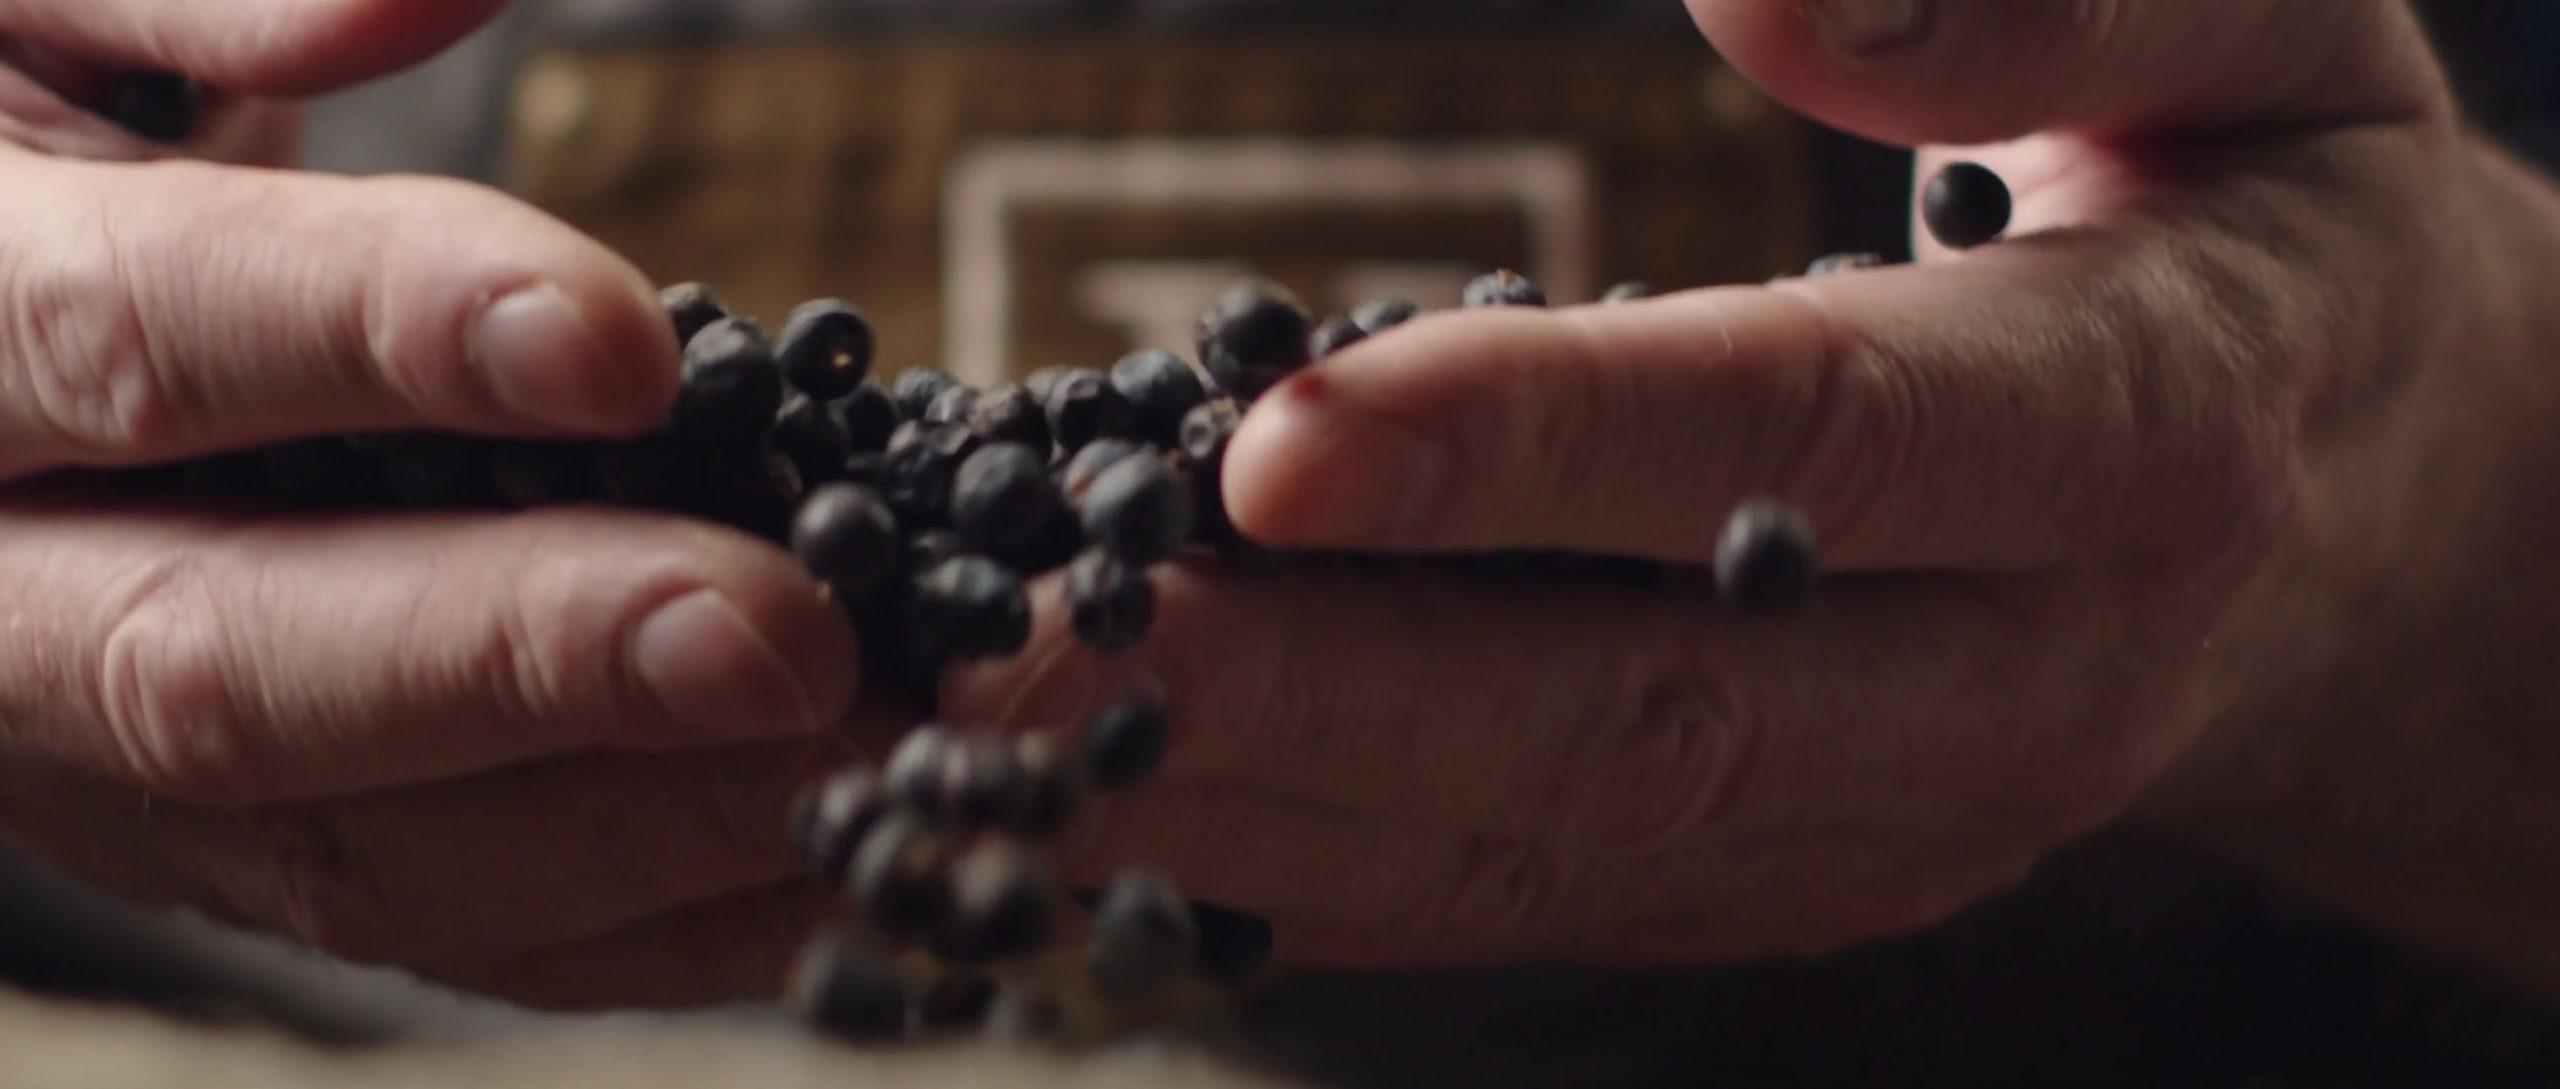 Exmoor Distillery Brand Video by OLCO Studios